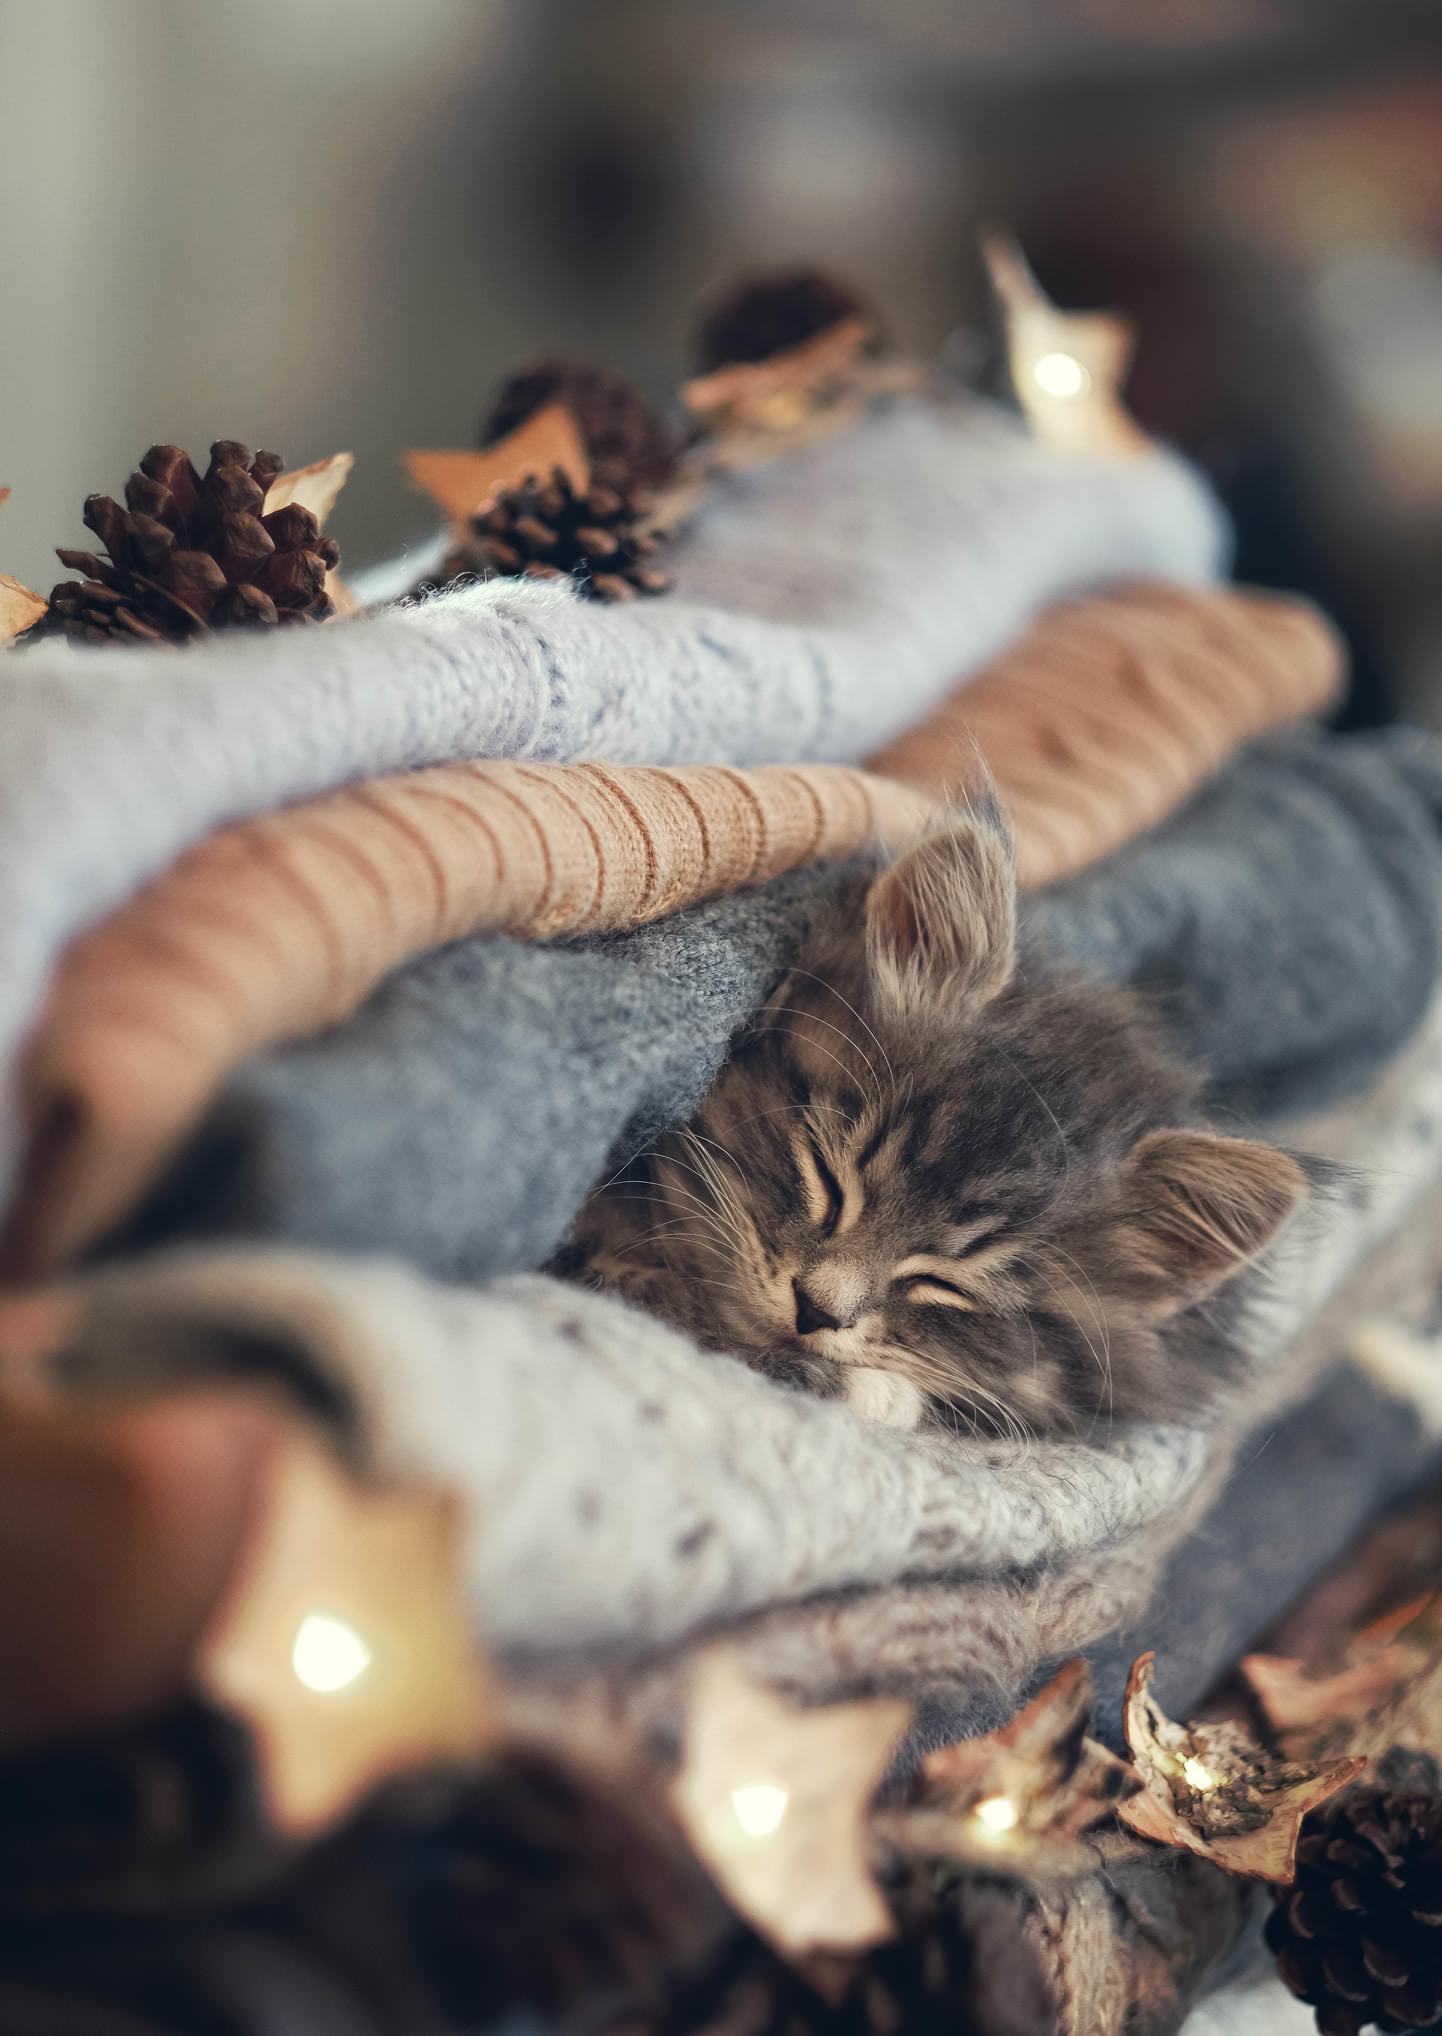 a kitten sleeps in a sandwich of blankets